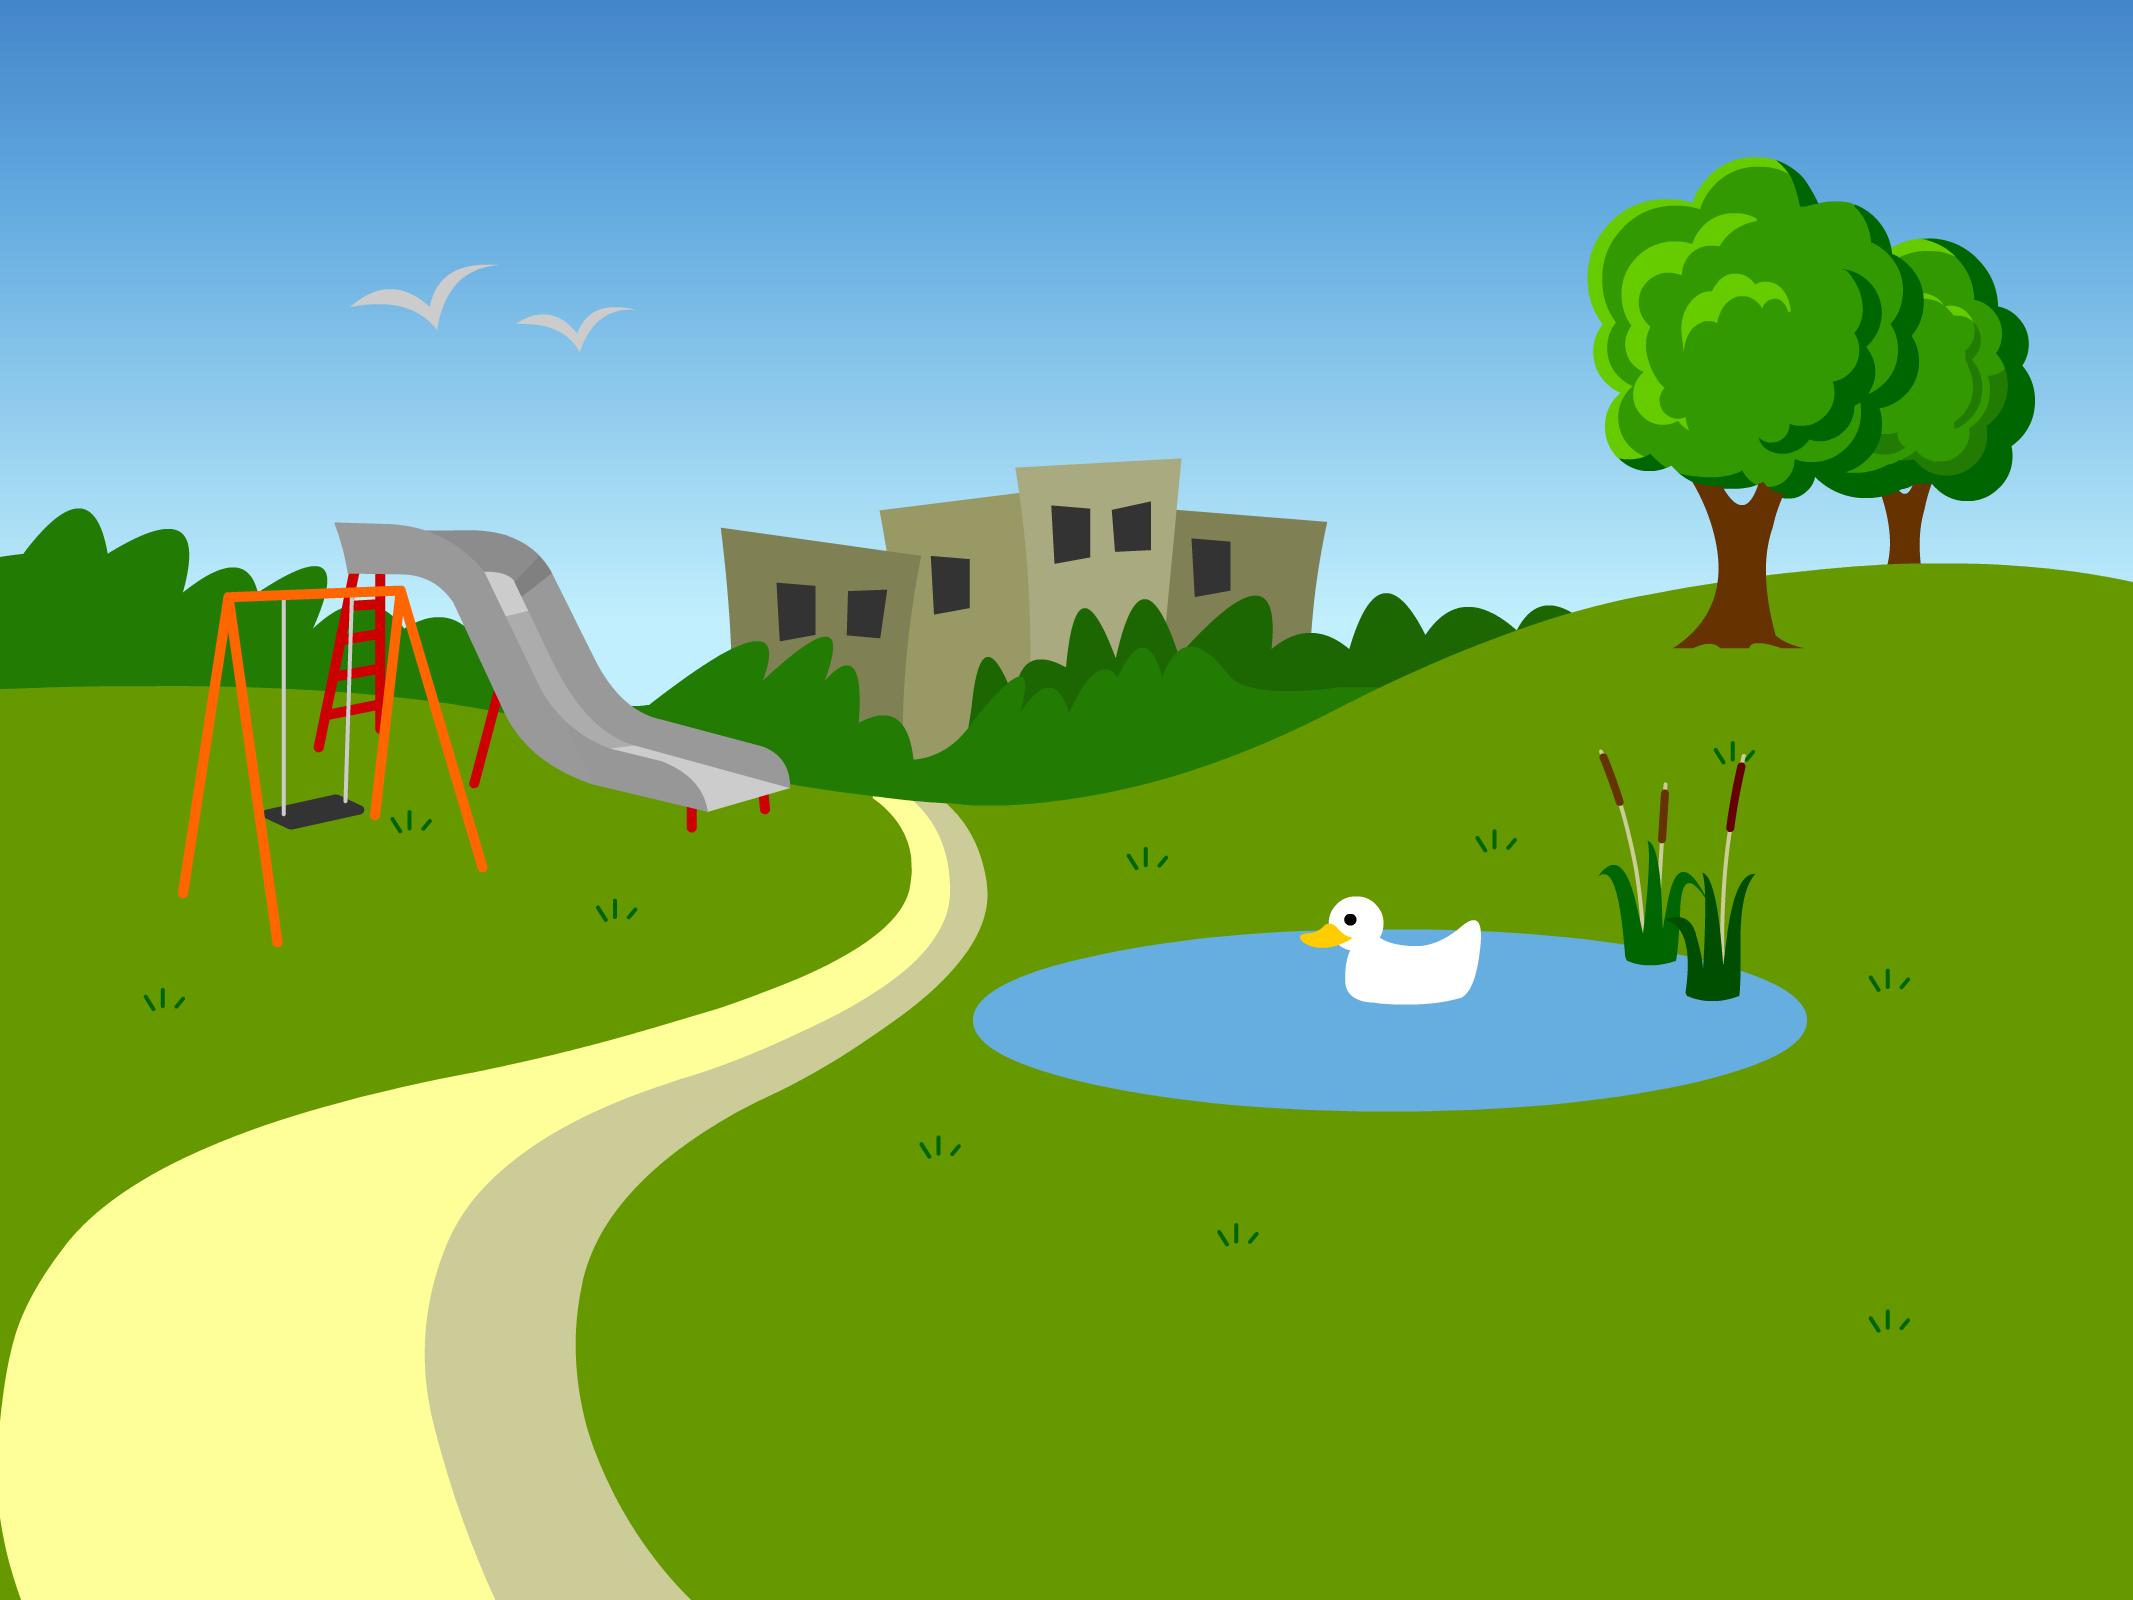 Community park clipart